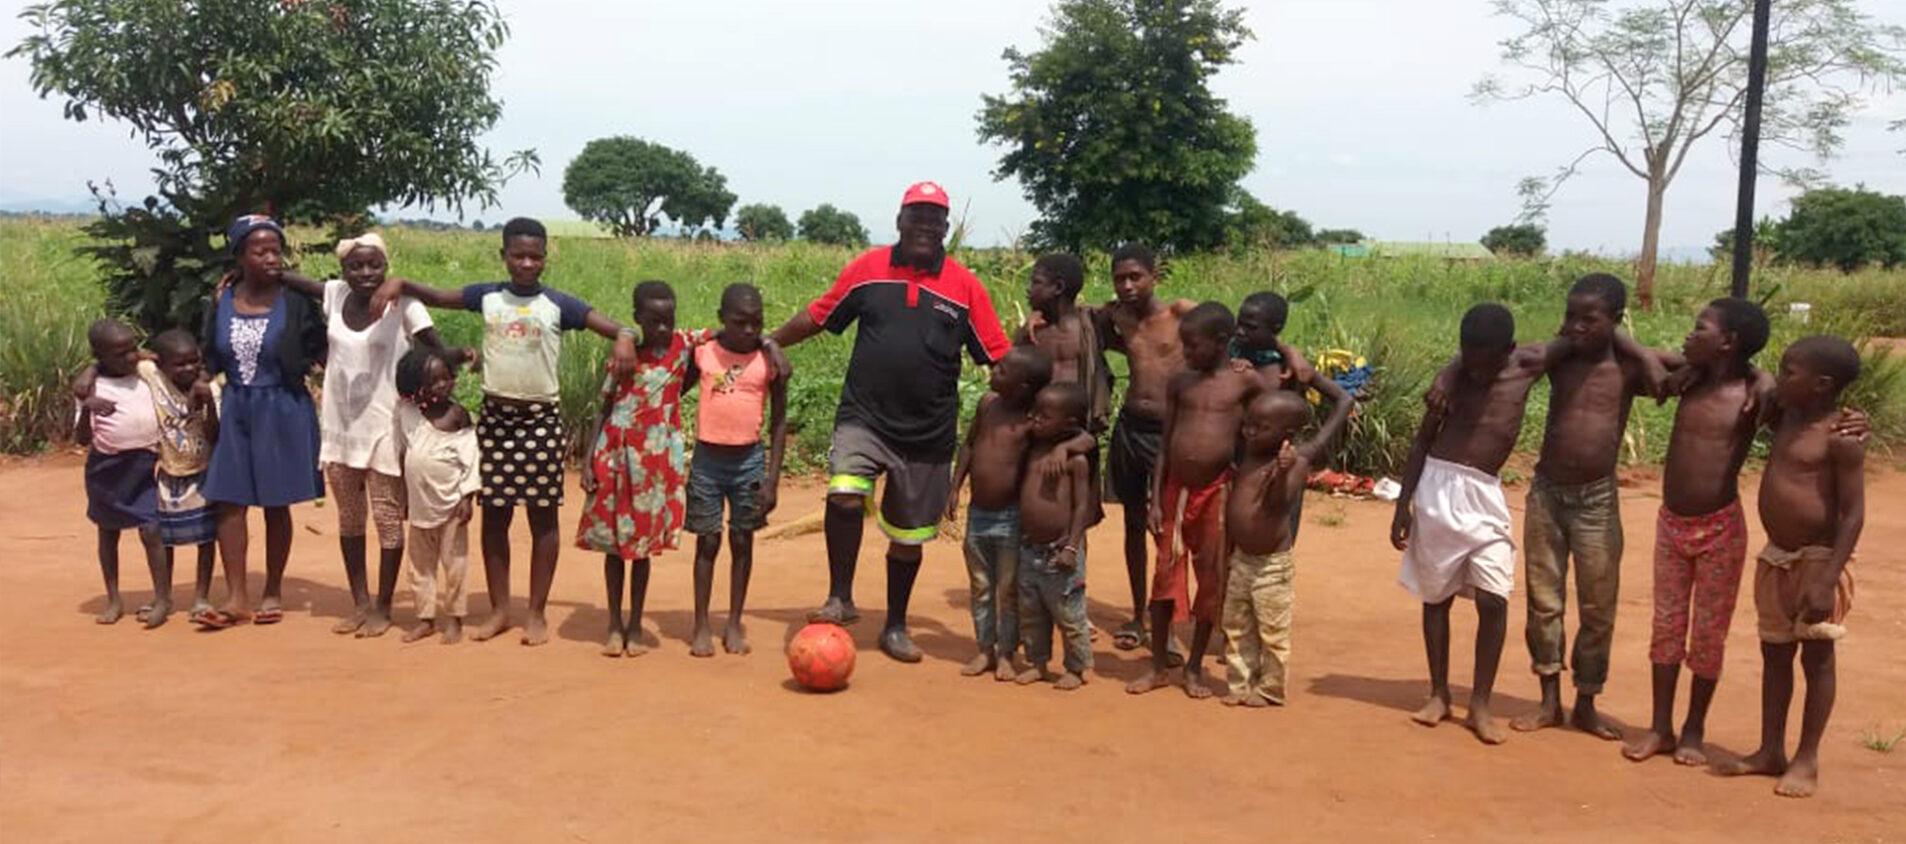 Fotbollsgänget på rad